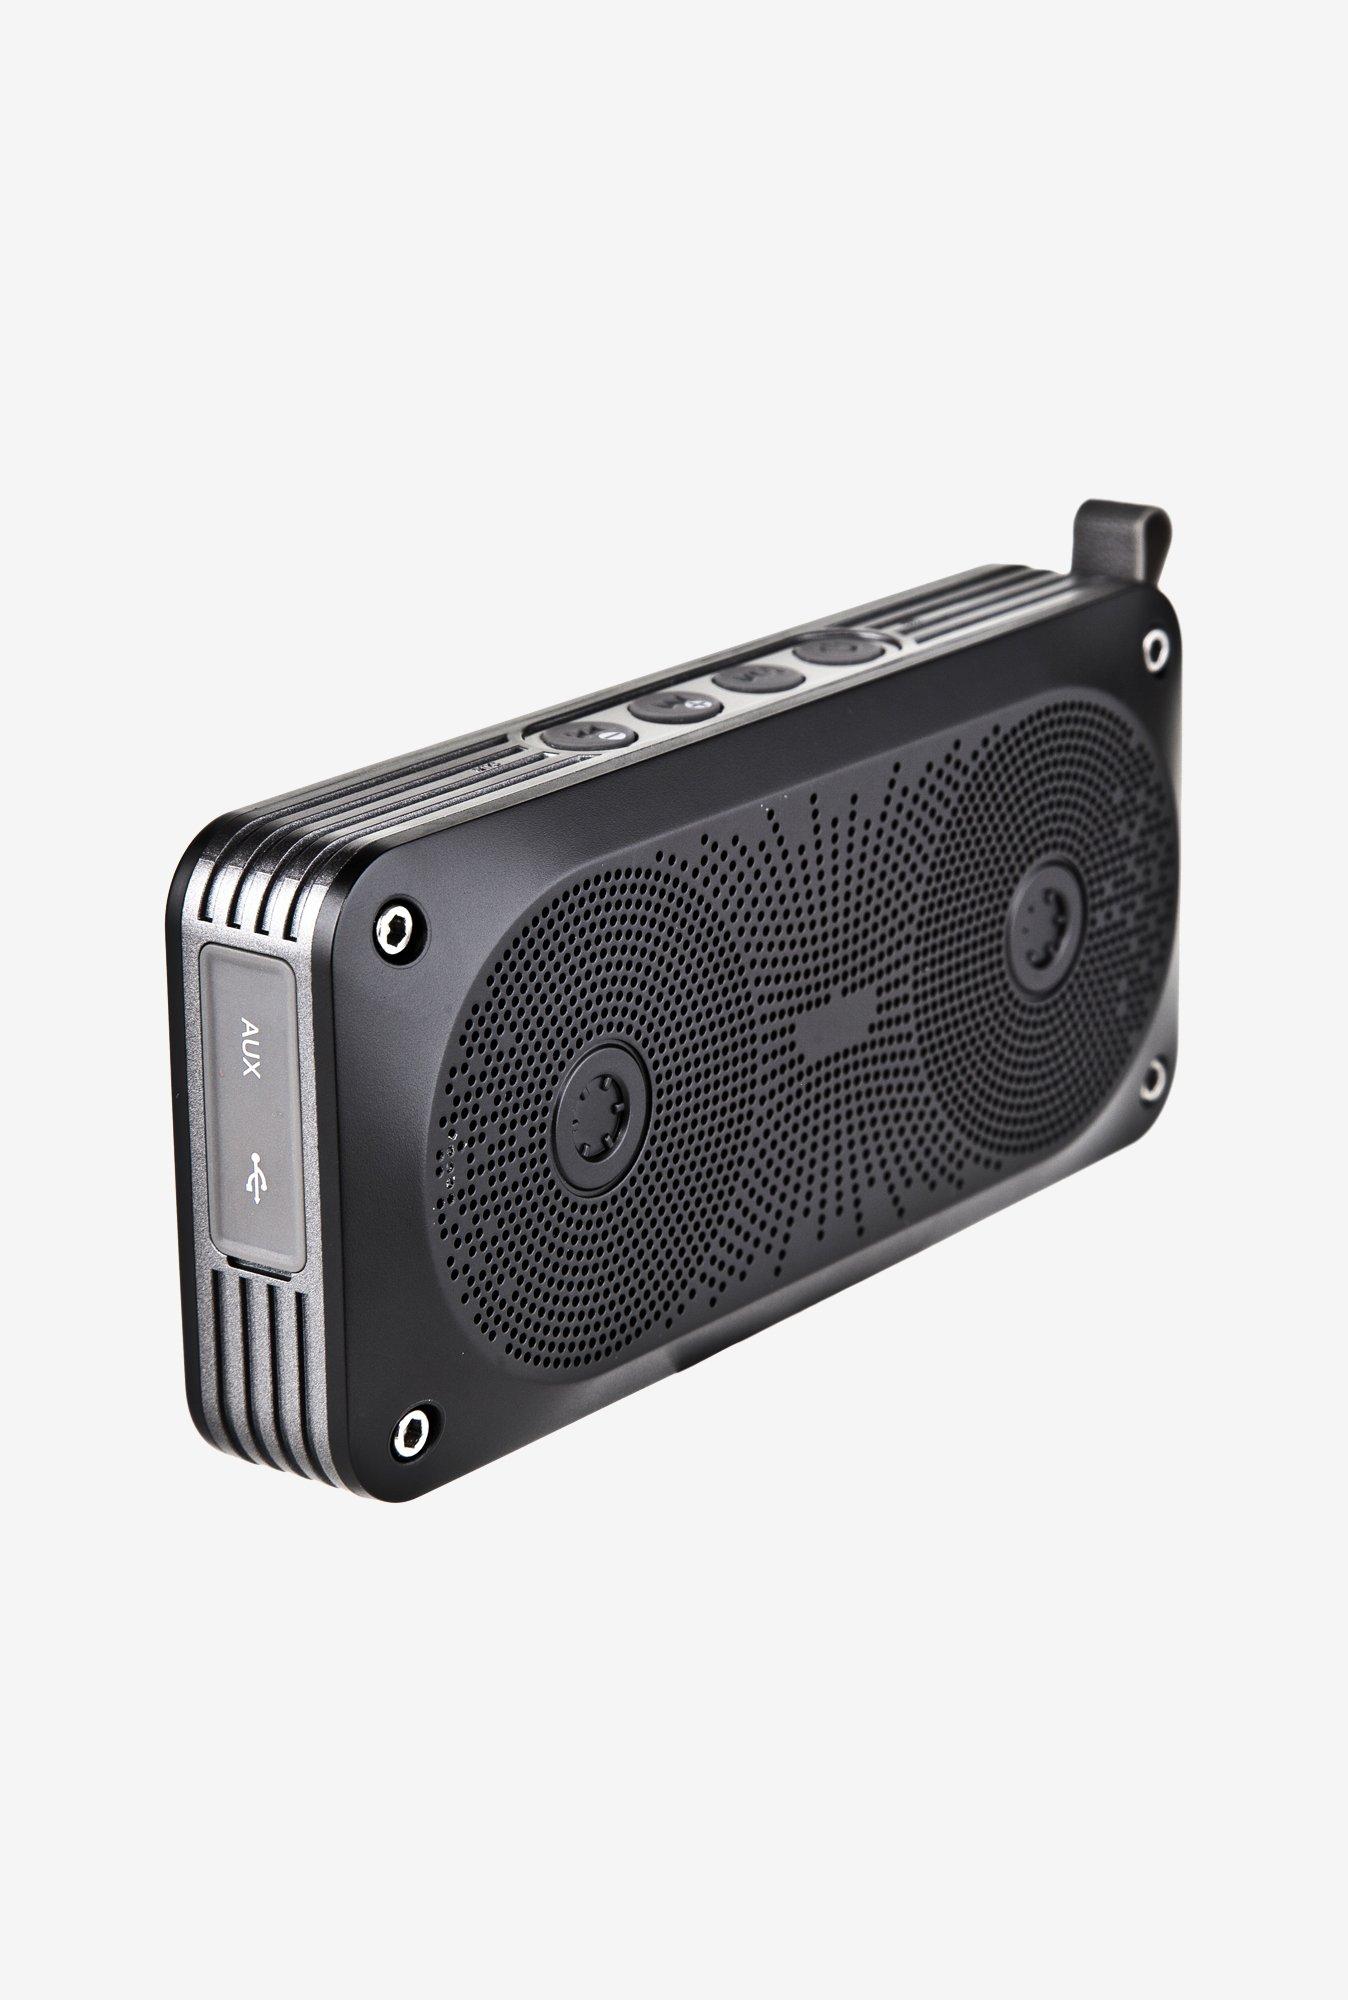 Envent LiveFree 370 Portable Bluetooth Speaker (Black)